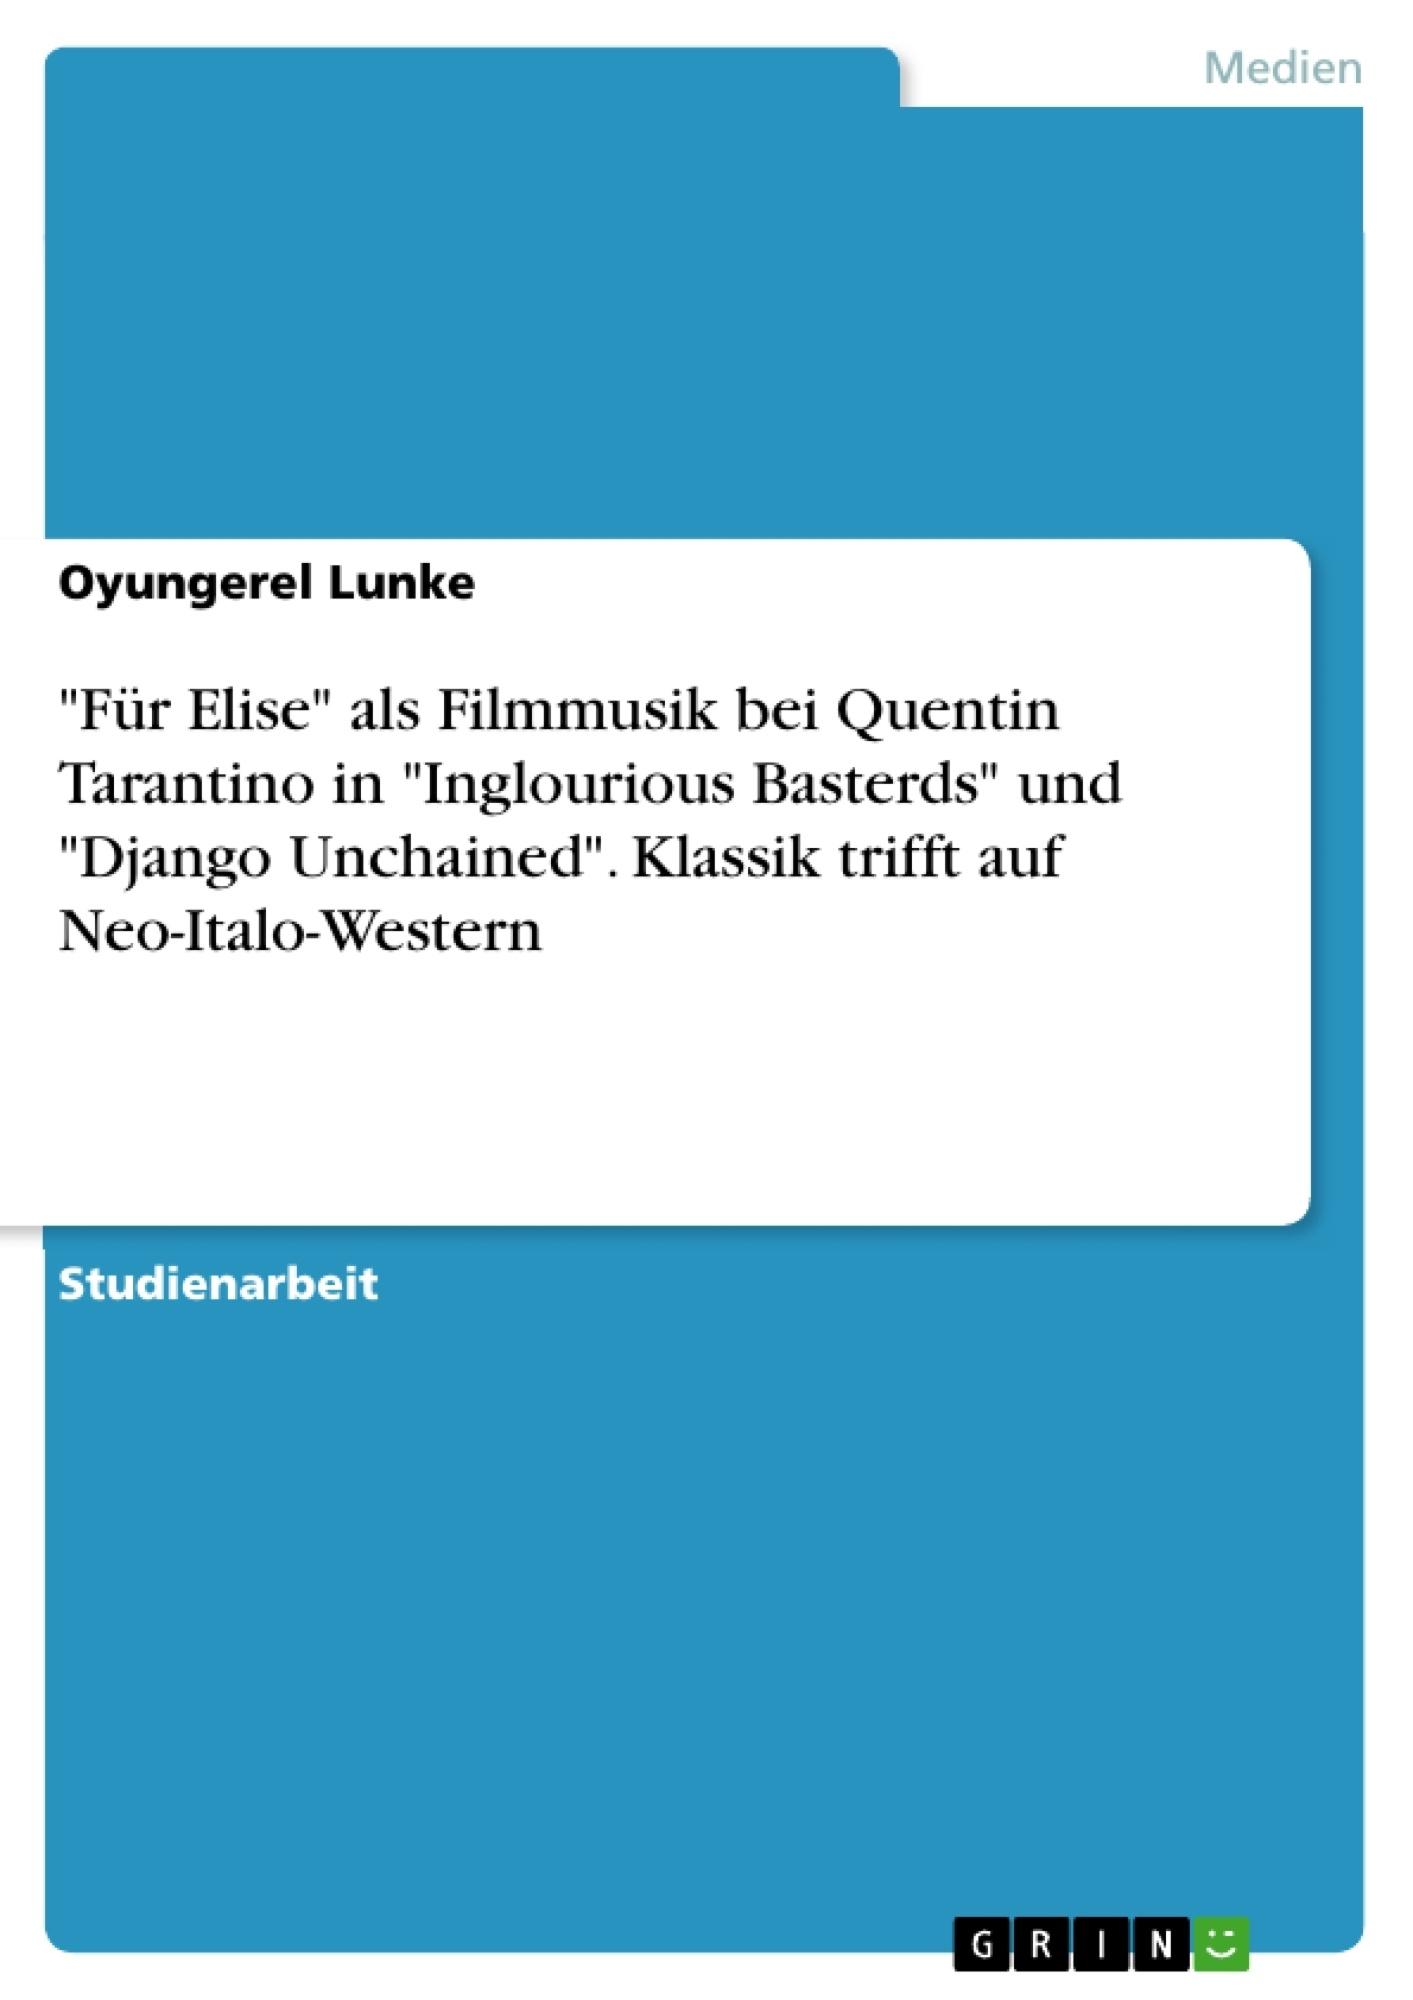 """Titel: """"Für Elise"""" als Filmmusik bei Quentin Tarantino in """"Inglourious Basterds""""  und """"Django Unchained"""". Klassik trifft auf Neo-Italo-Western"""